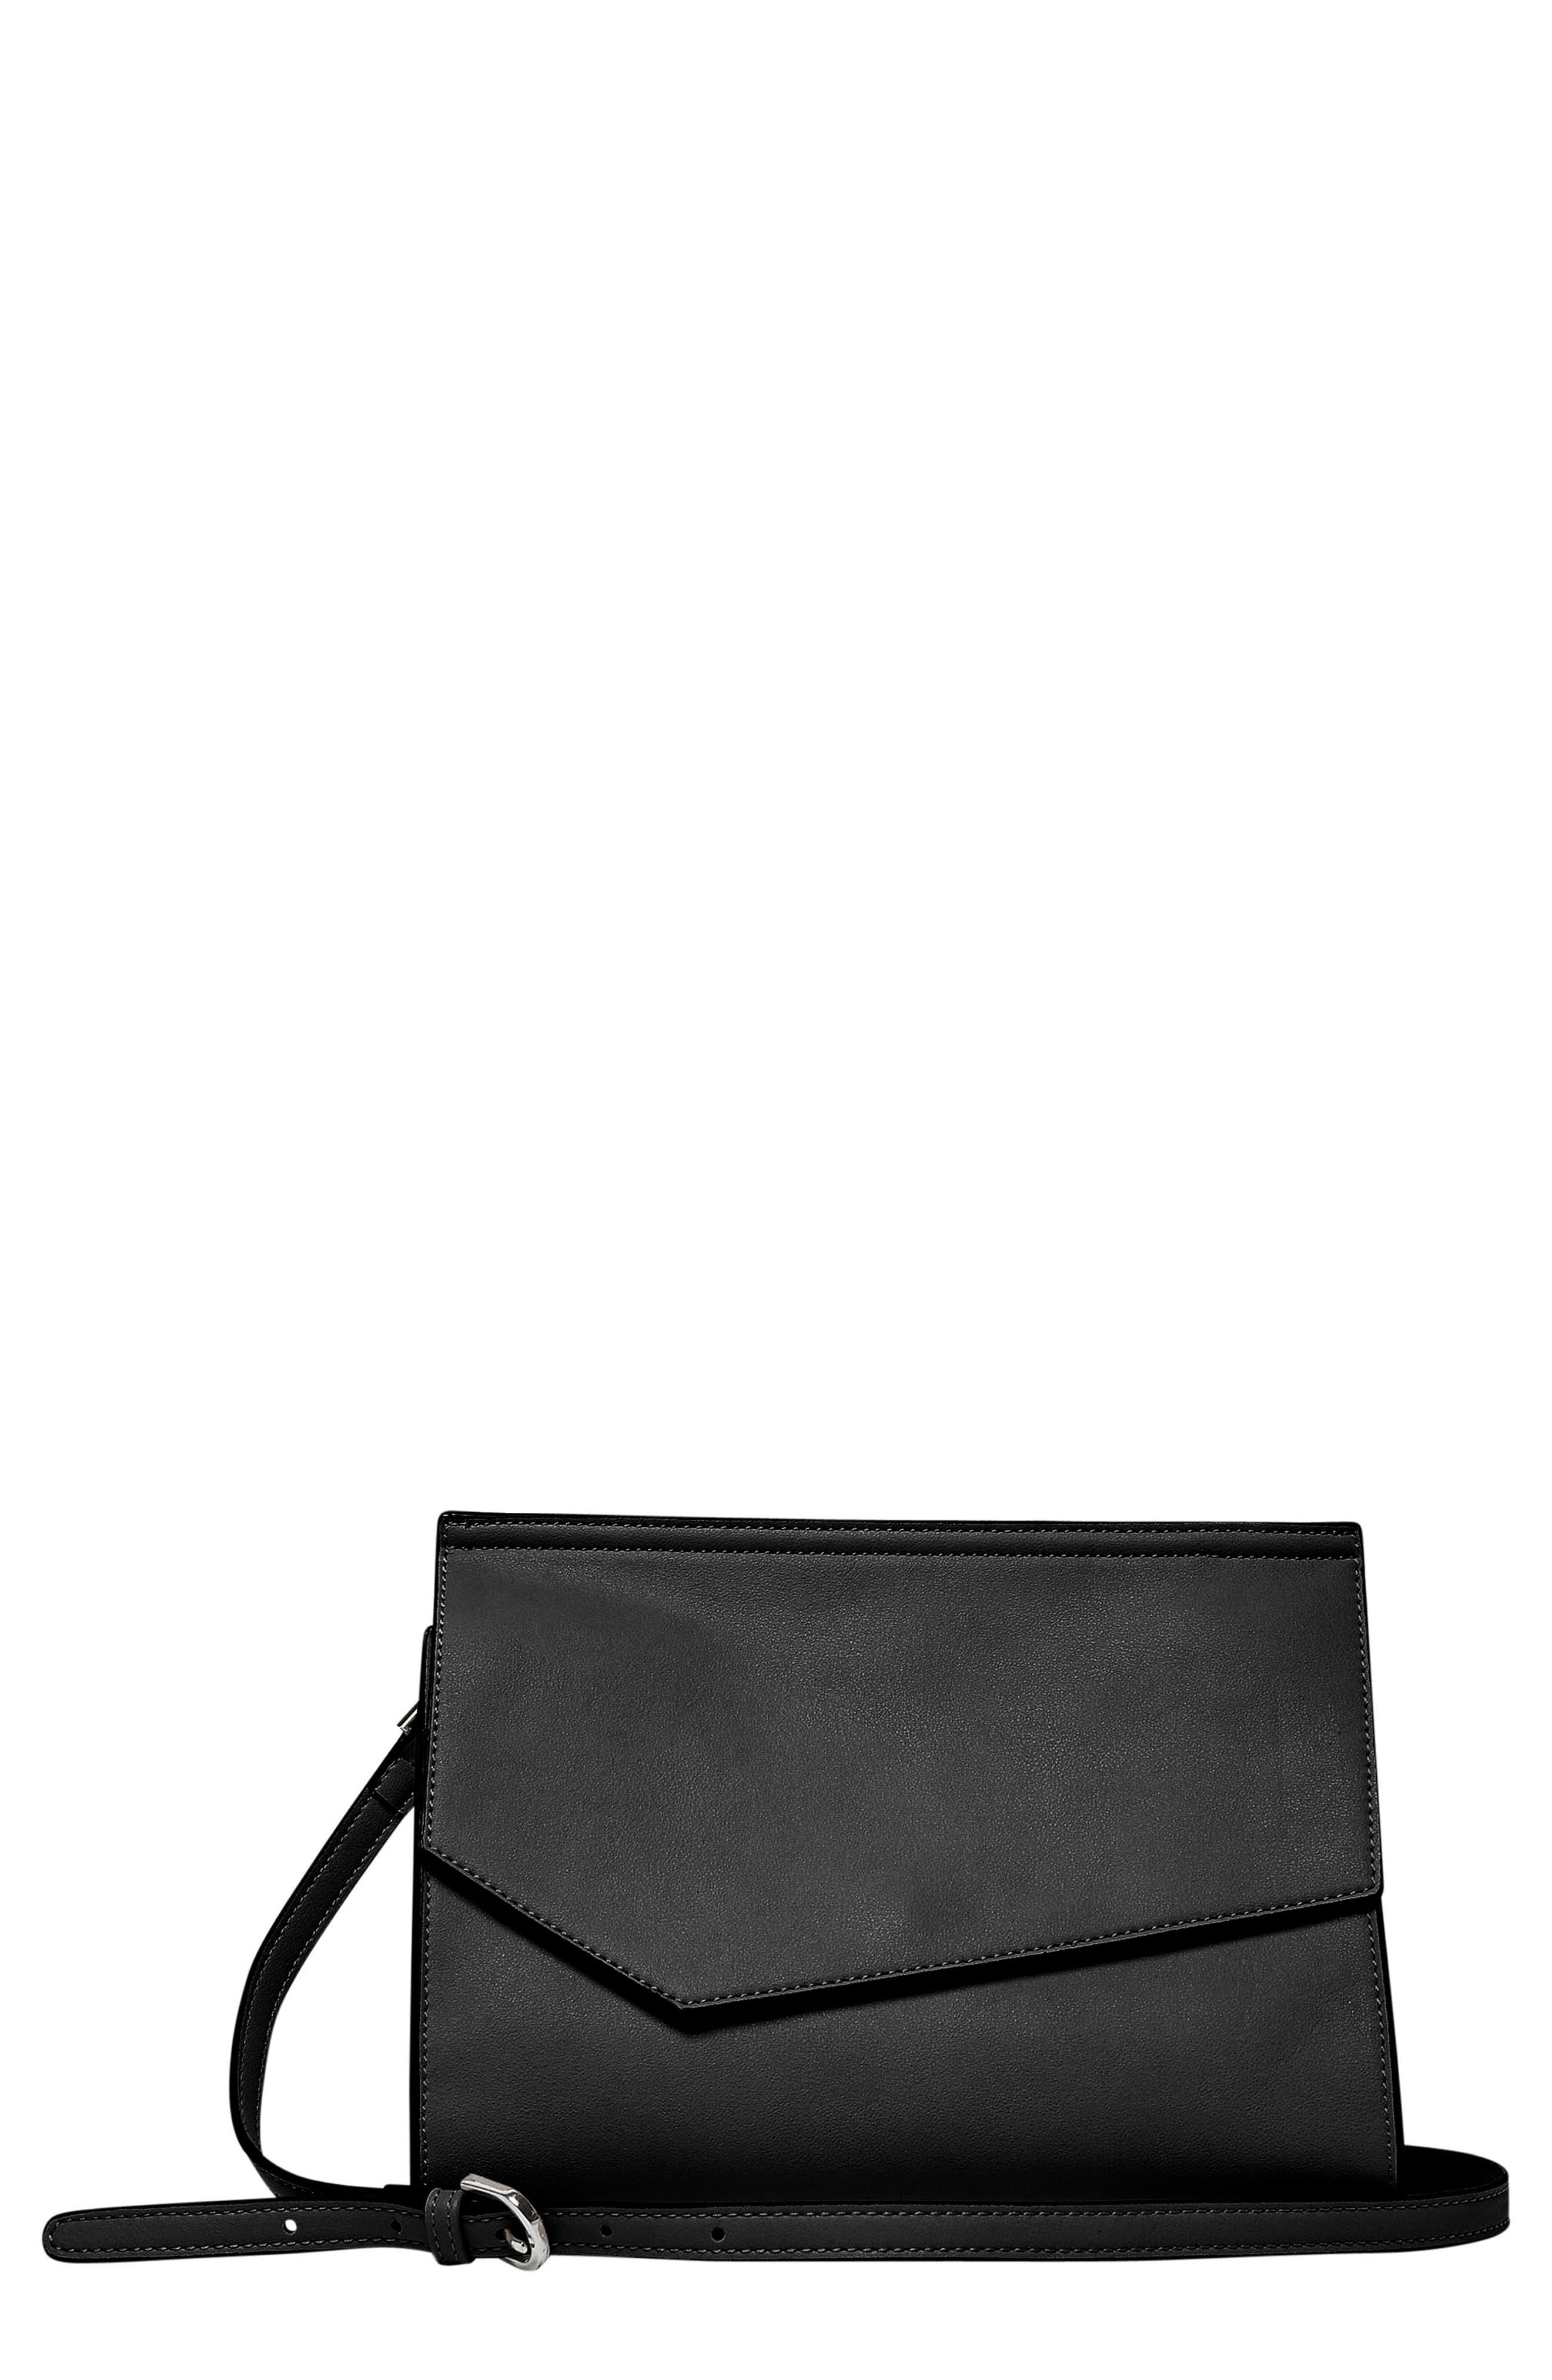 Shimmer Vegan Leather Shoulder Bag,                         Main,                         color, Black